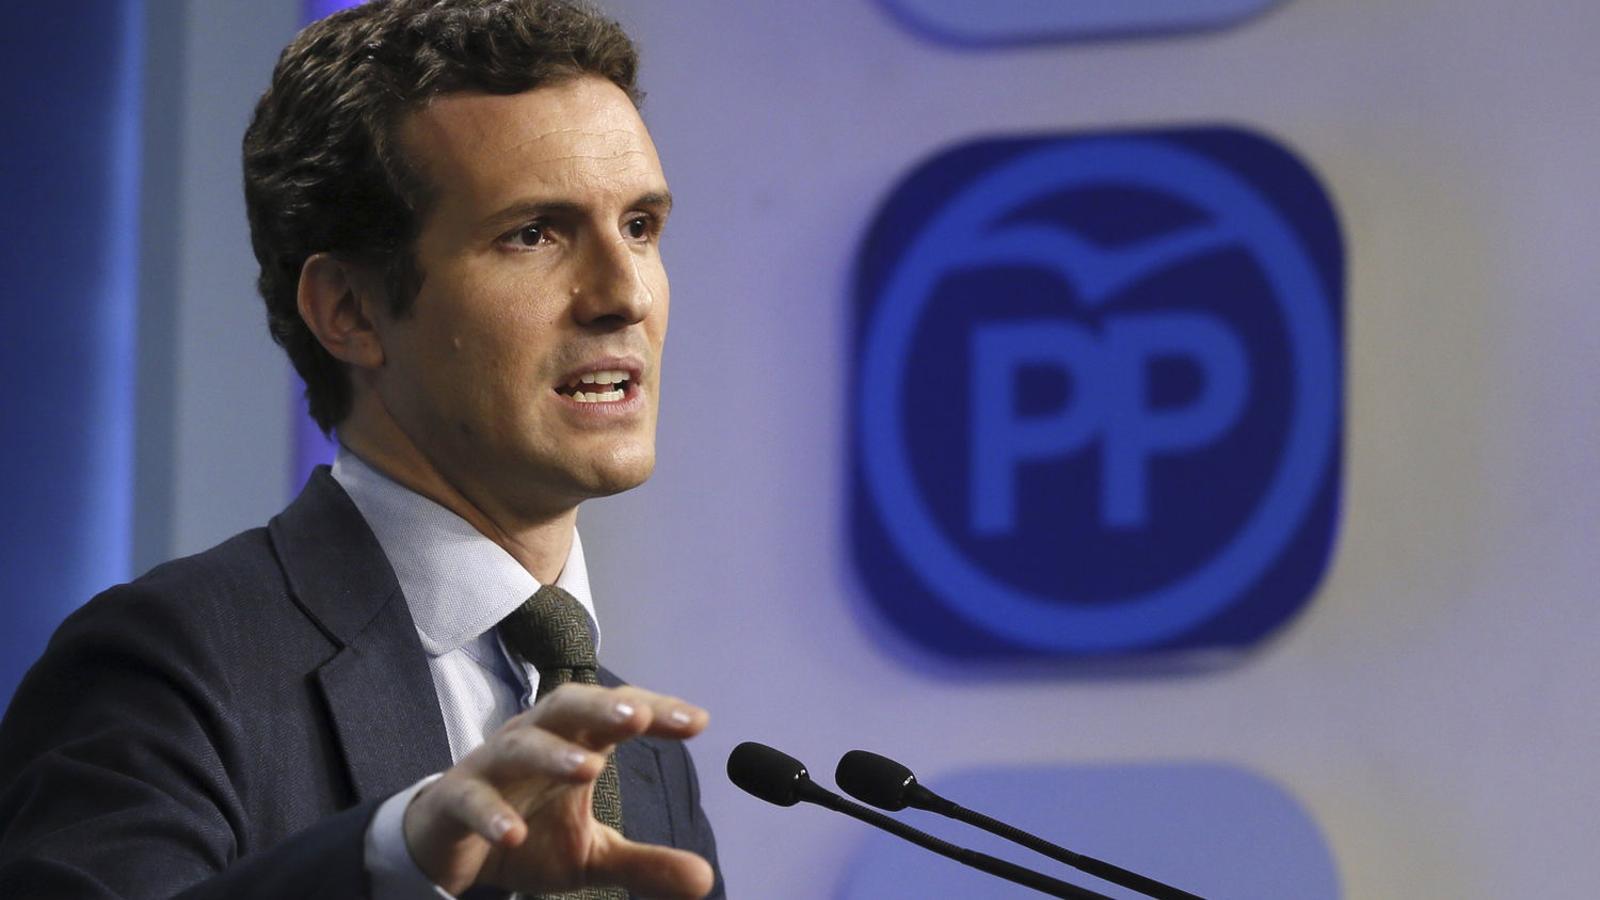 El PP ofereix transport gratuït a Madrid per assistir a la manifestació contra Sánchez